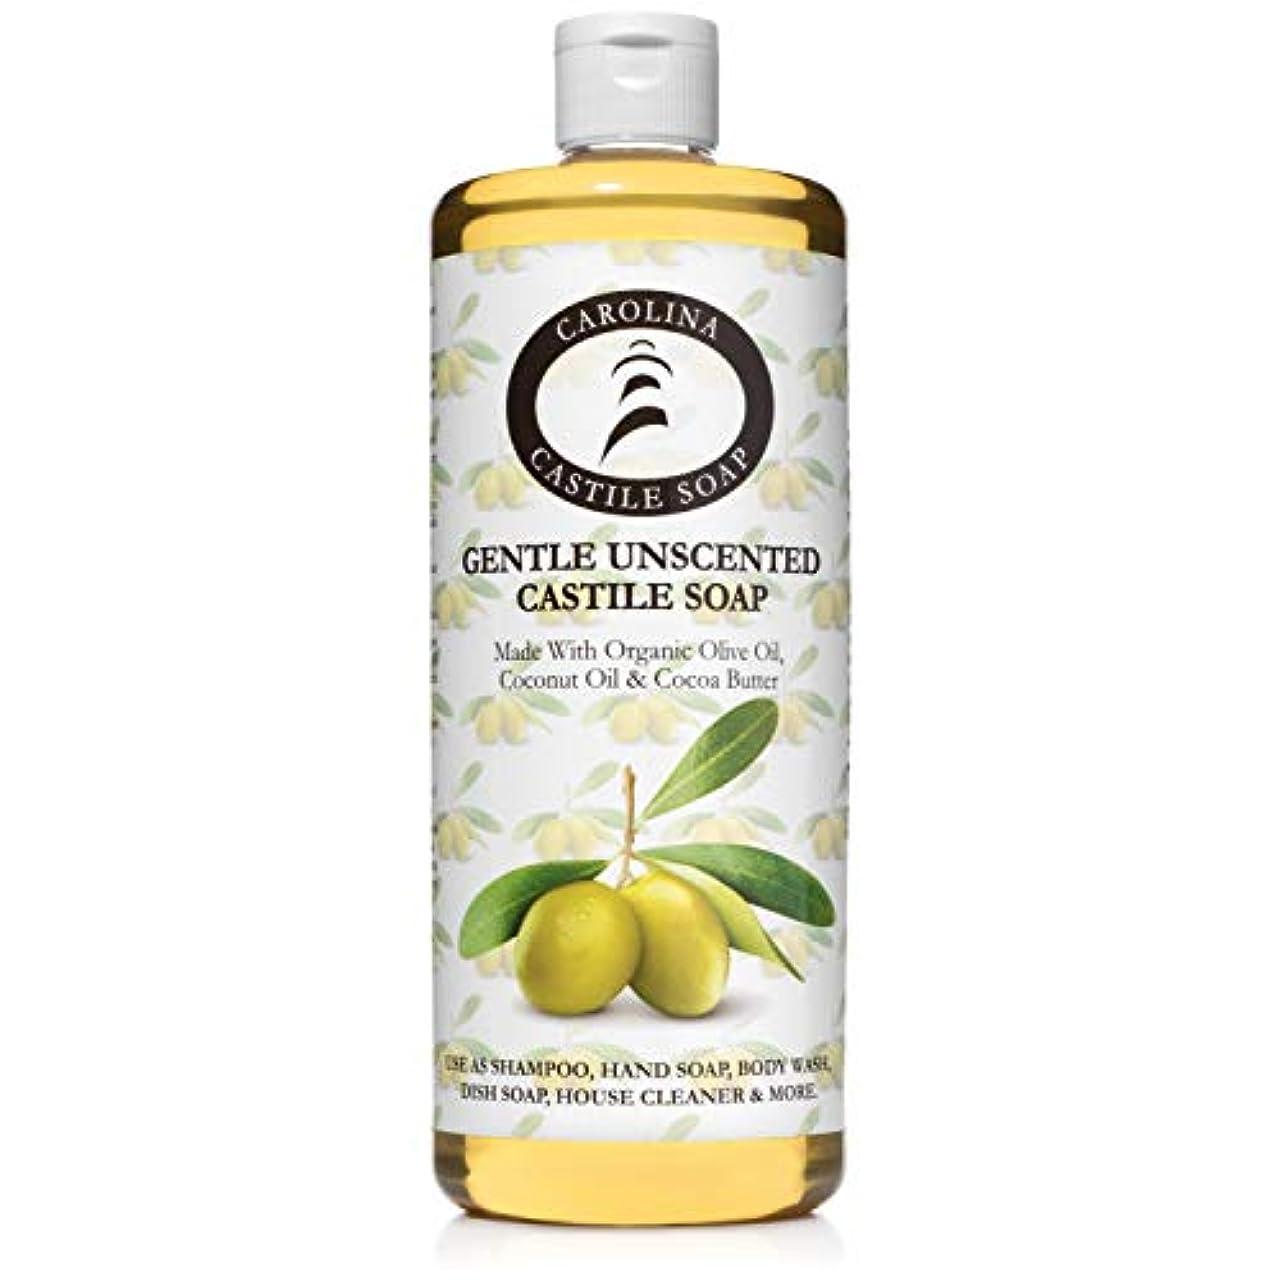 感謝する対応思いやりCarolina Castile Soap ジェントル無香料認定オーガニック 32オズ